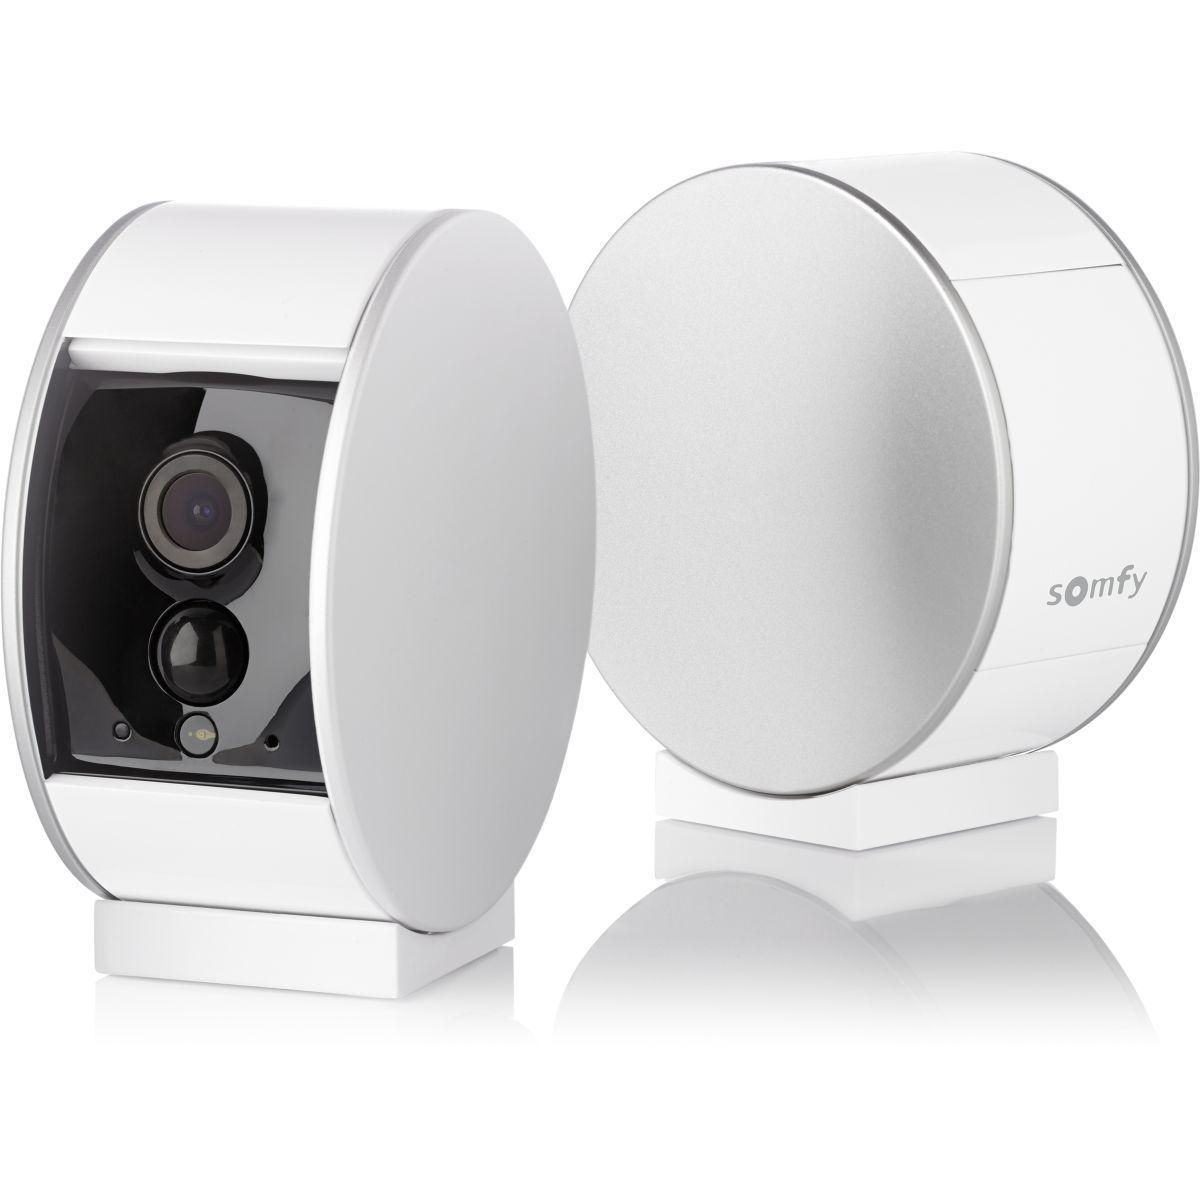 Cam�ra somfy protect security camera - livraison offerte : code liv (photo)